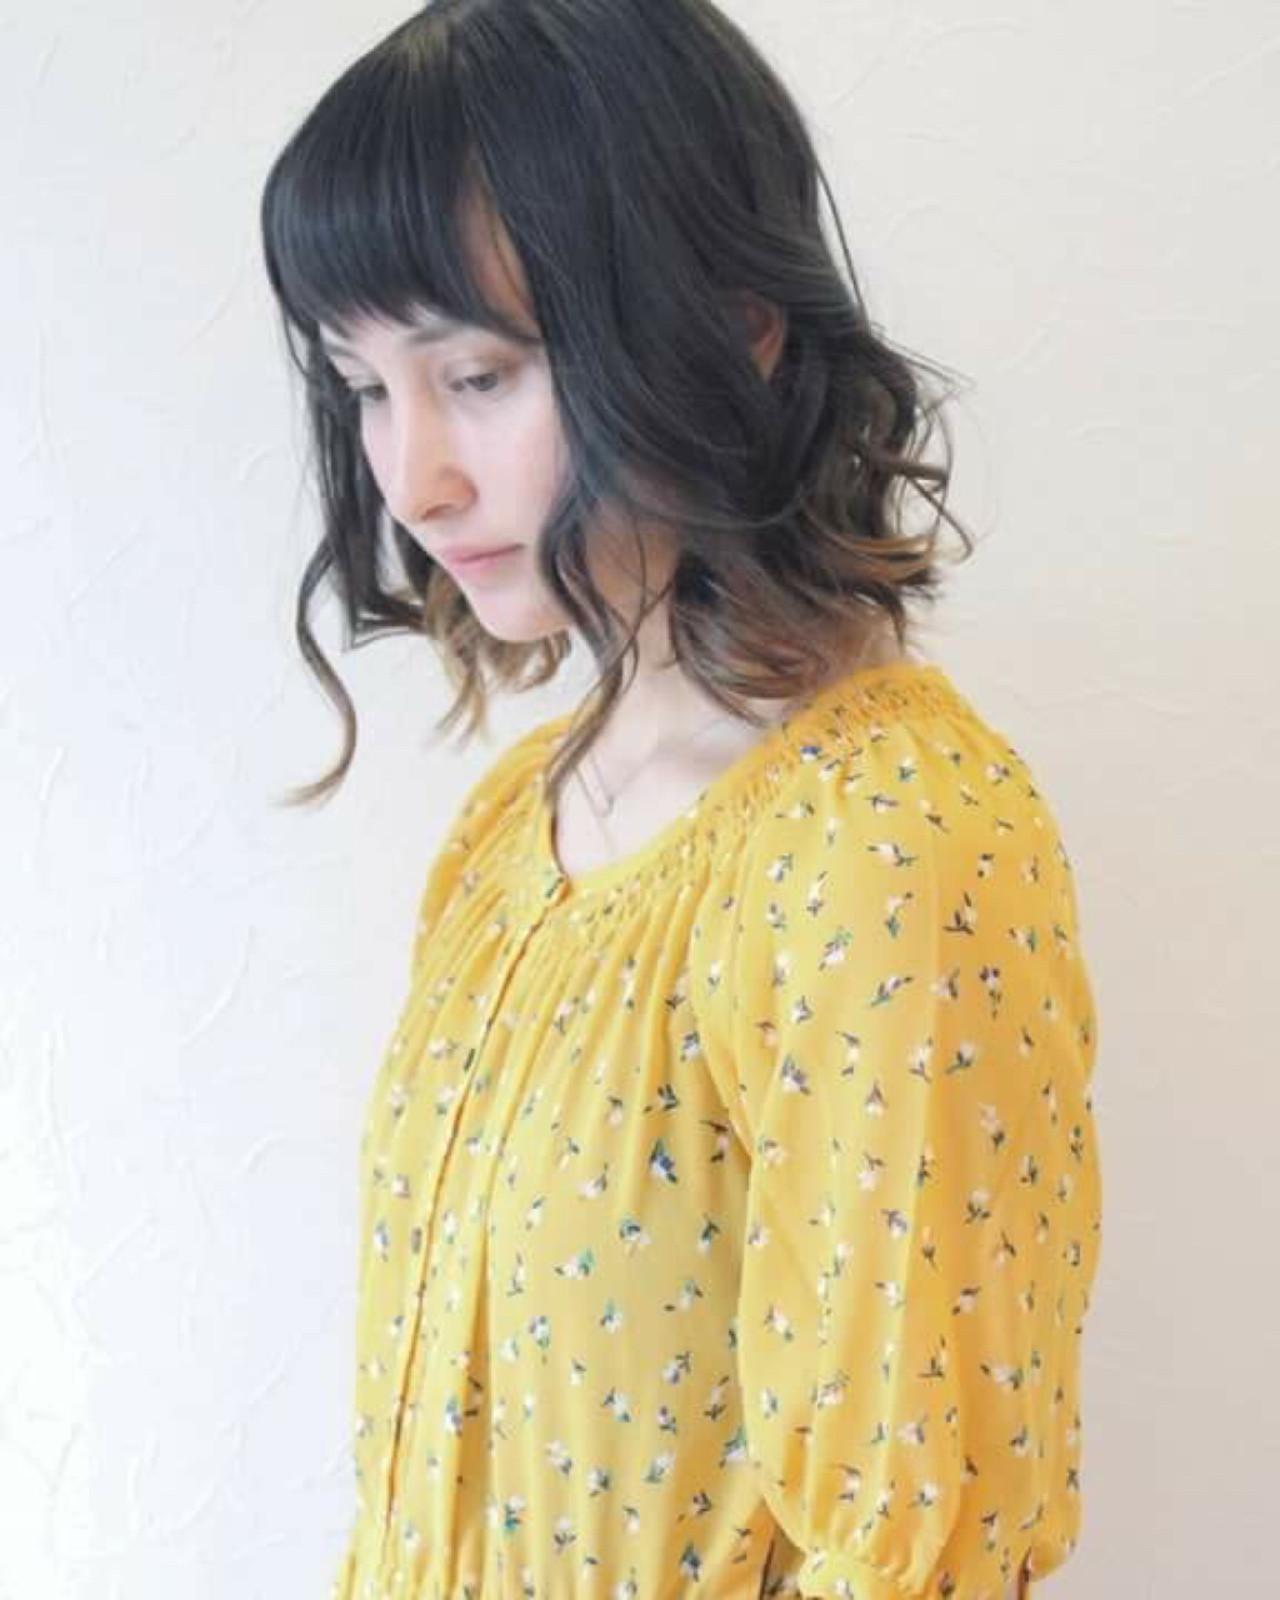 インナーカラー 切りっぱなし ハイトーン グラデーションカラー ヘアスタイルや髪型の写真・画像 | Ryo isijima / atelier lurtta